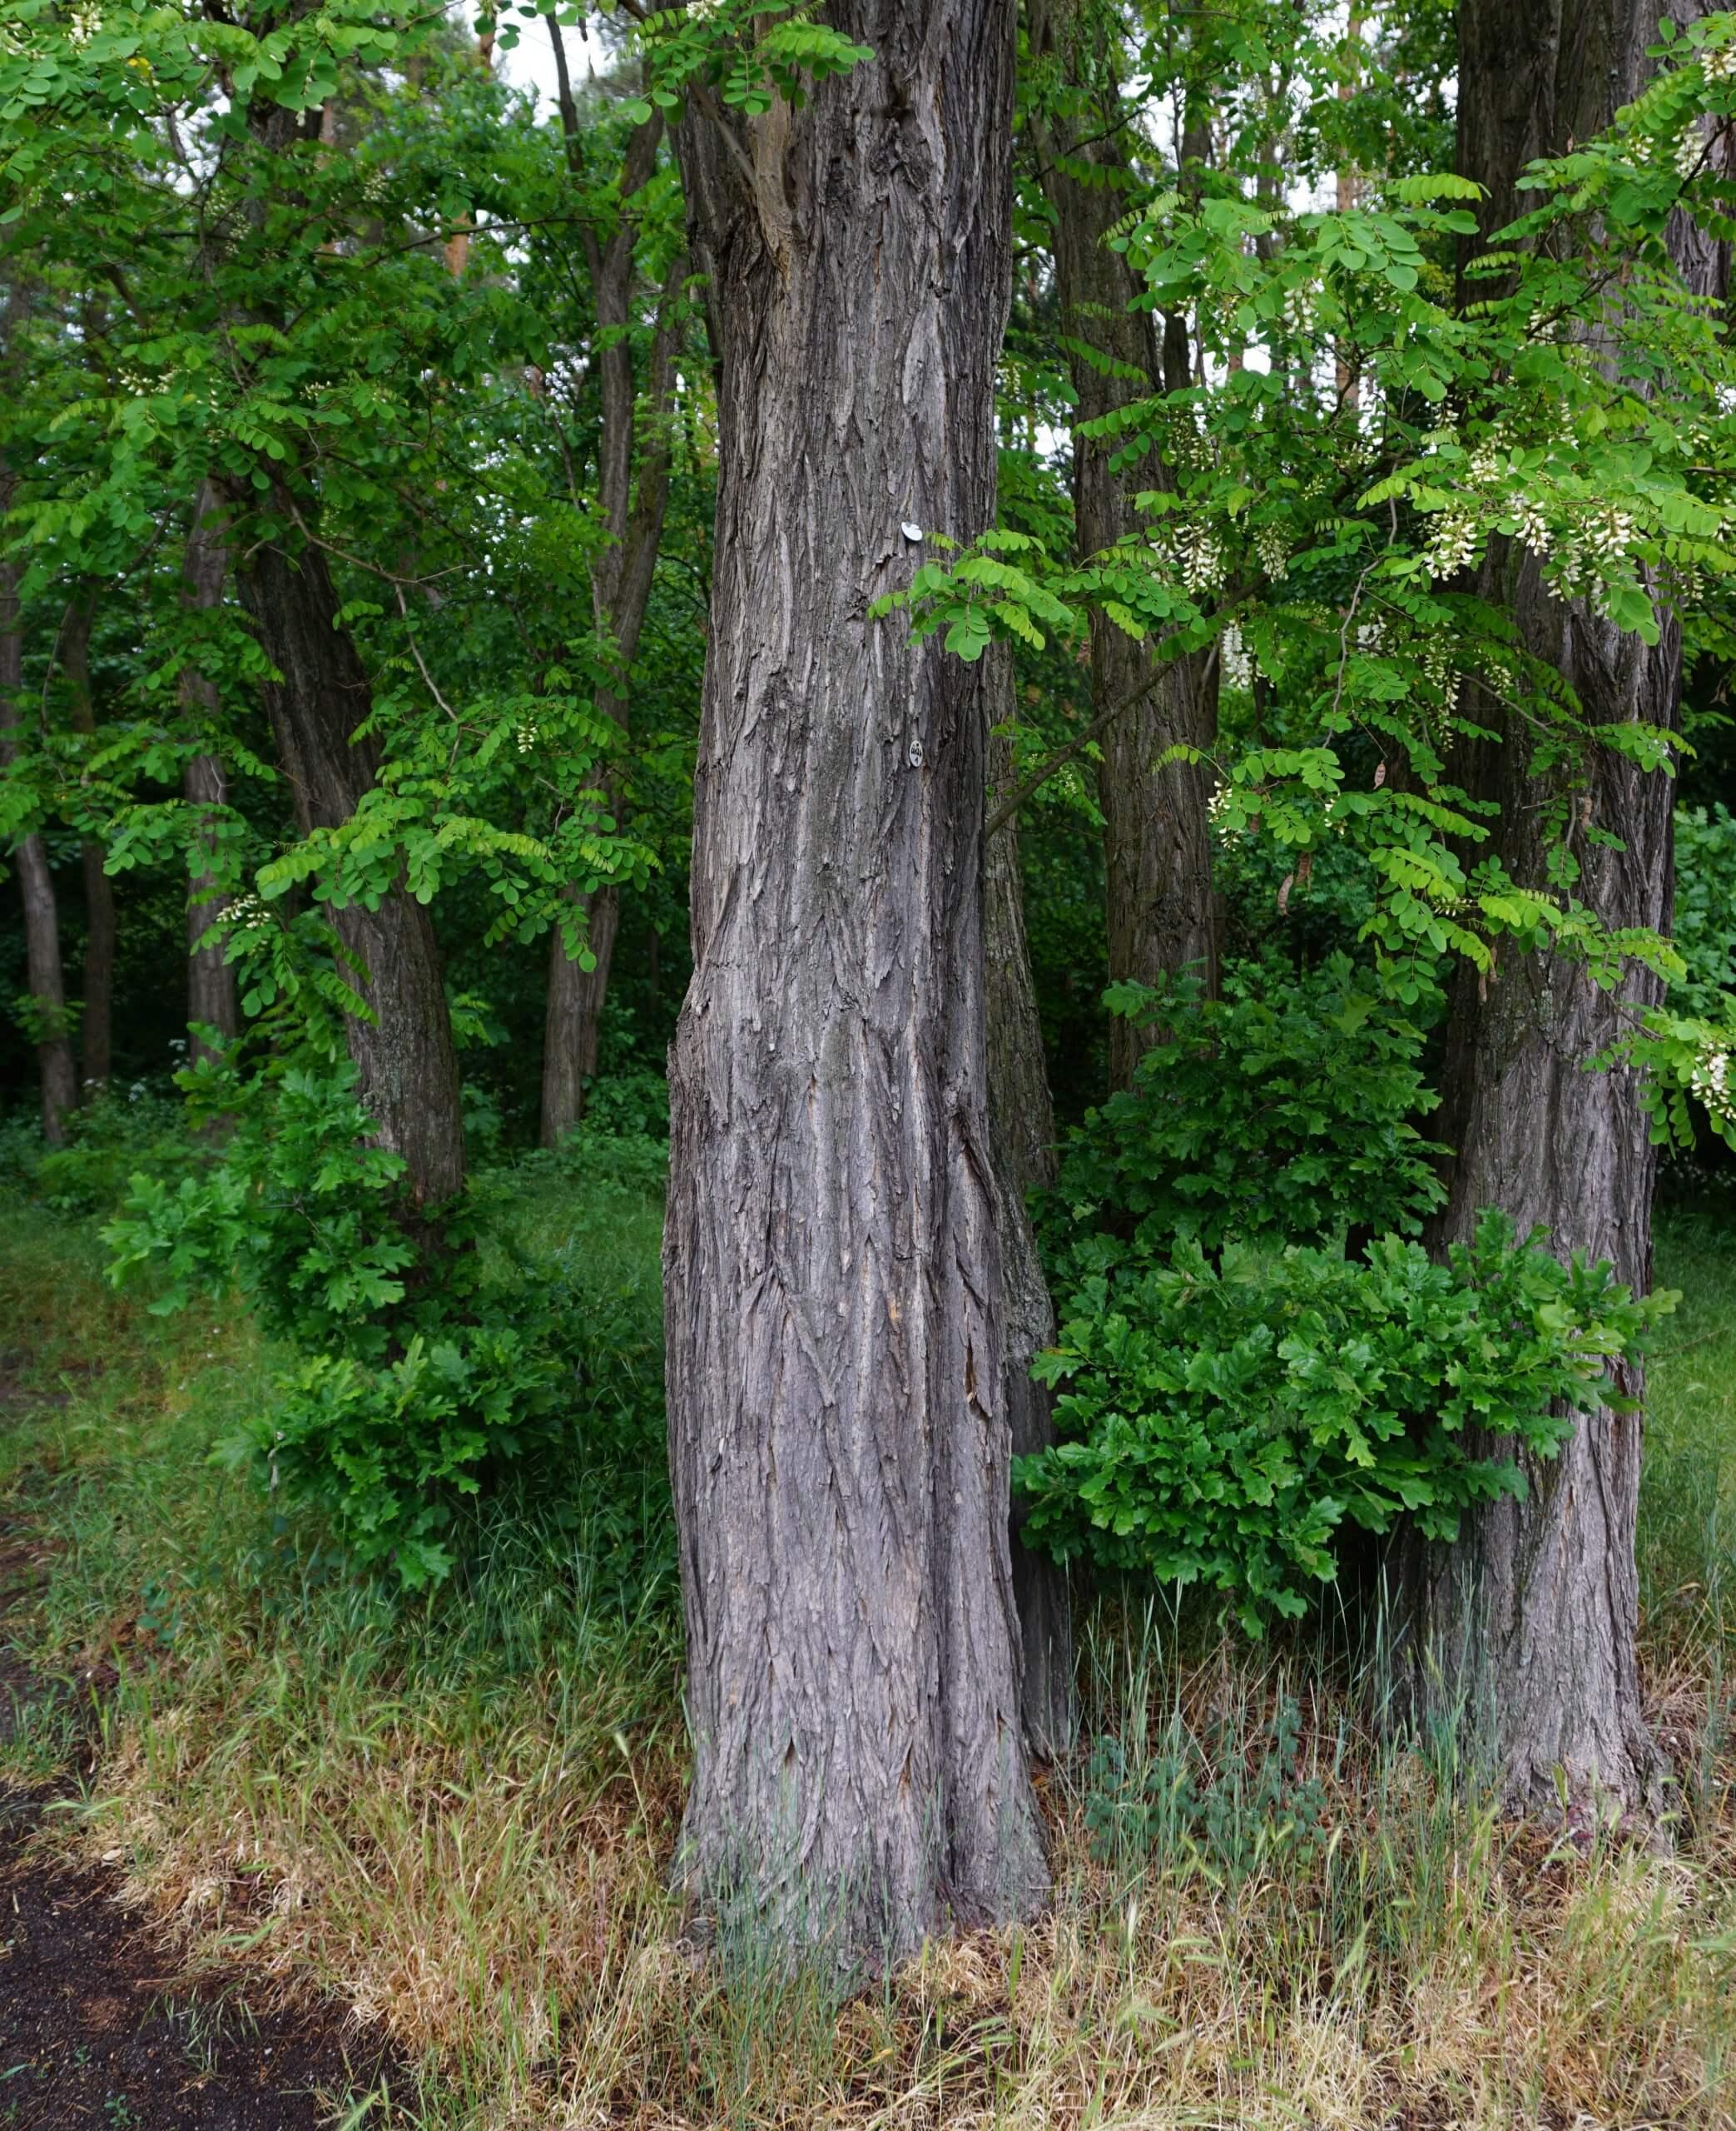 Das Bild zeigt die gefurchten grauen Stämme zweier Robinien an einem Waldrand. Grüne Trift am Wald in Köpenick.